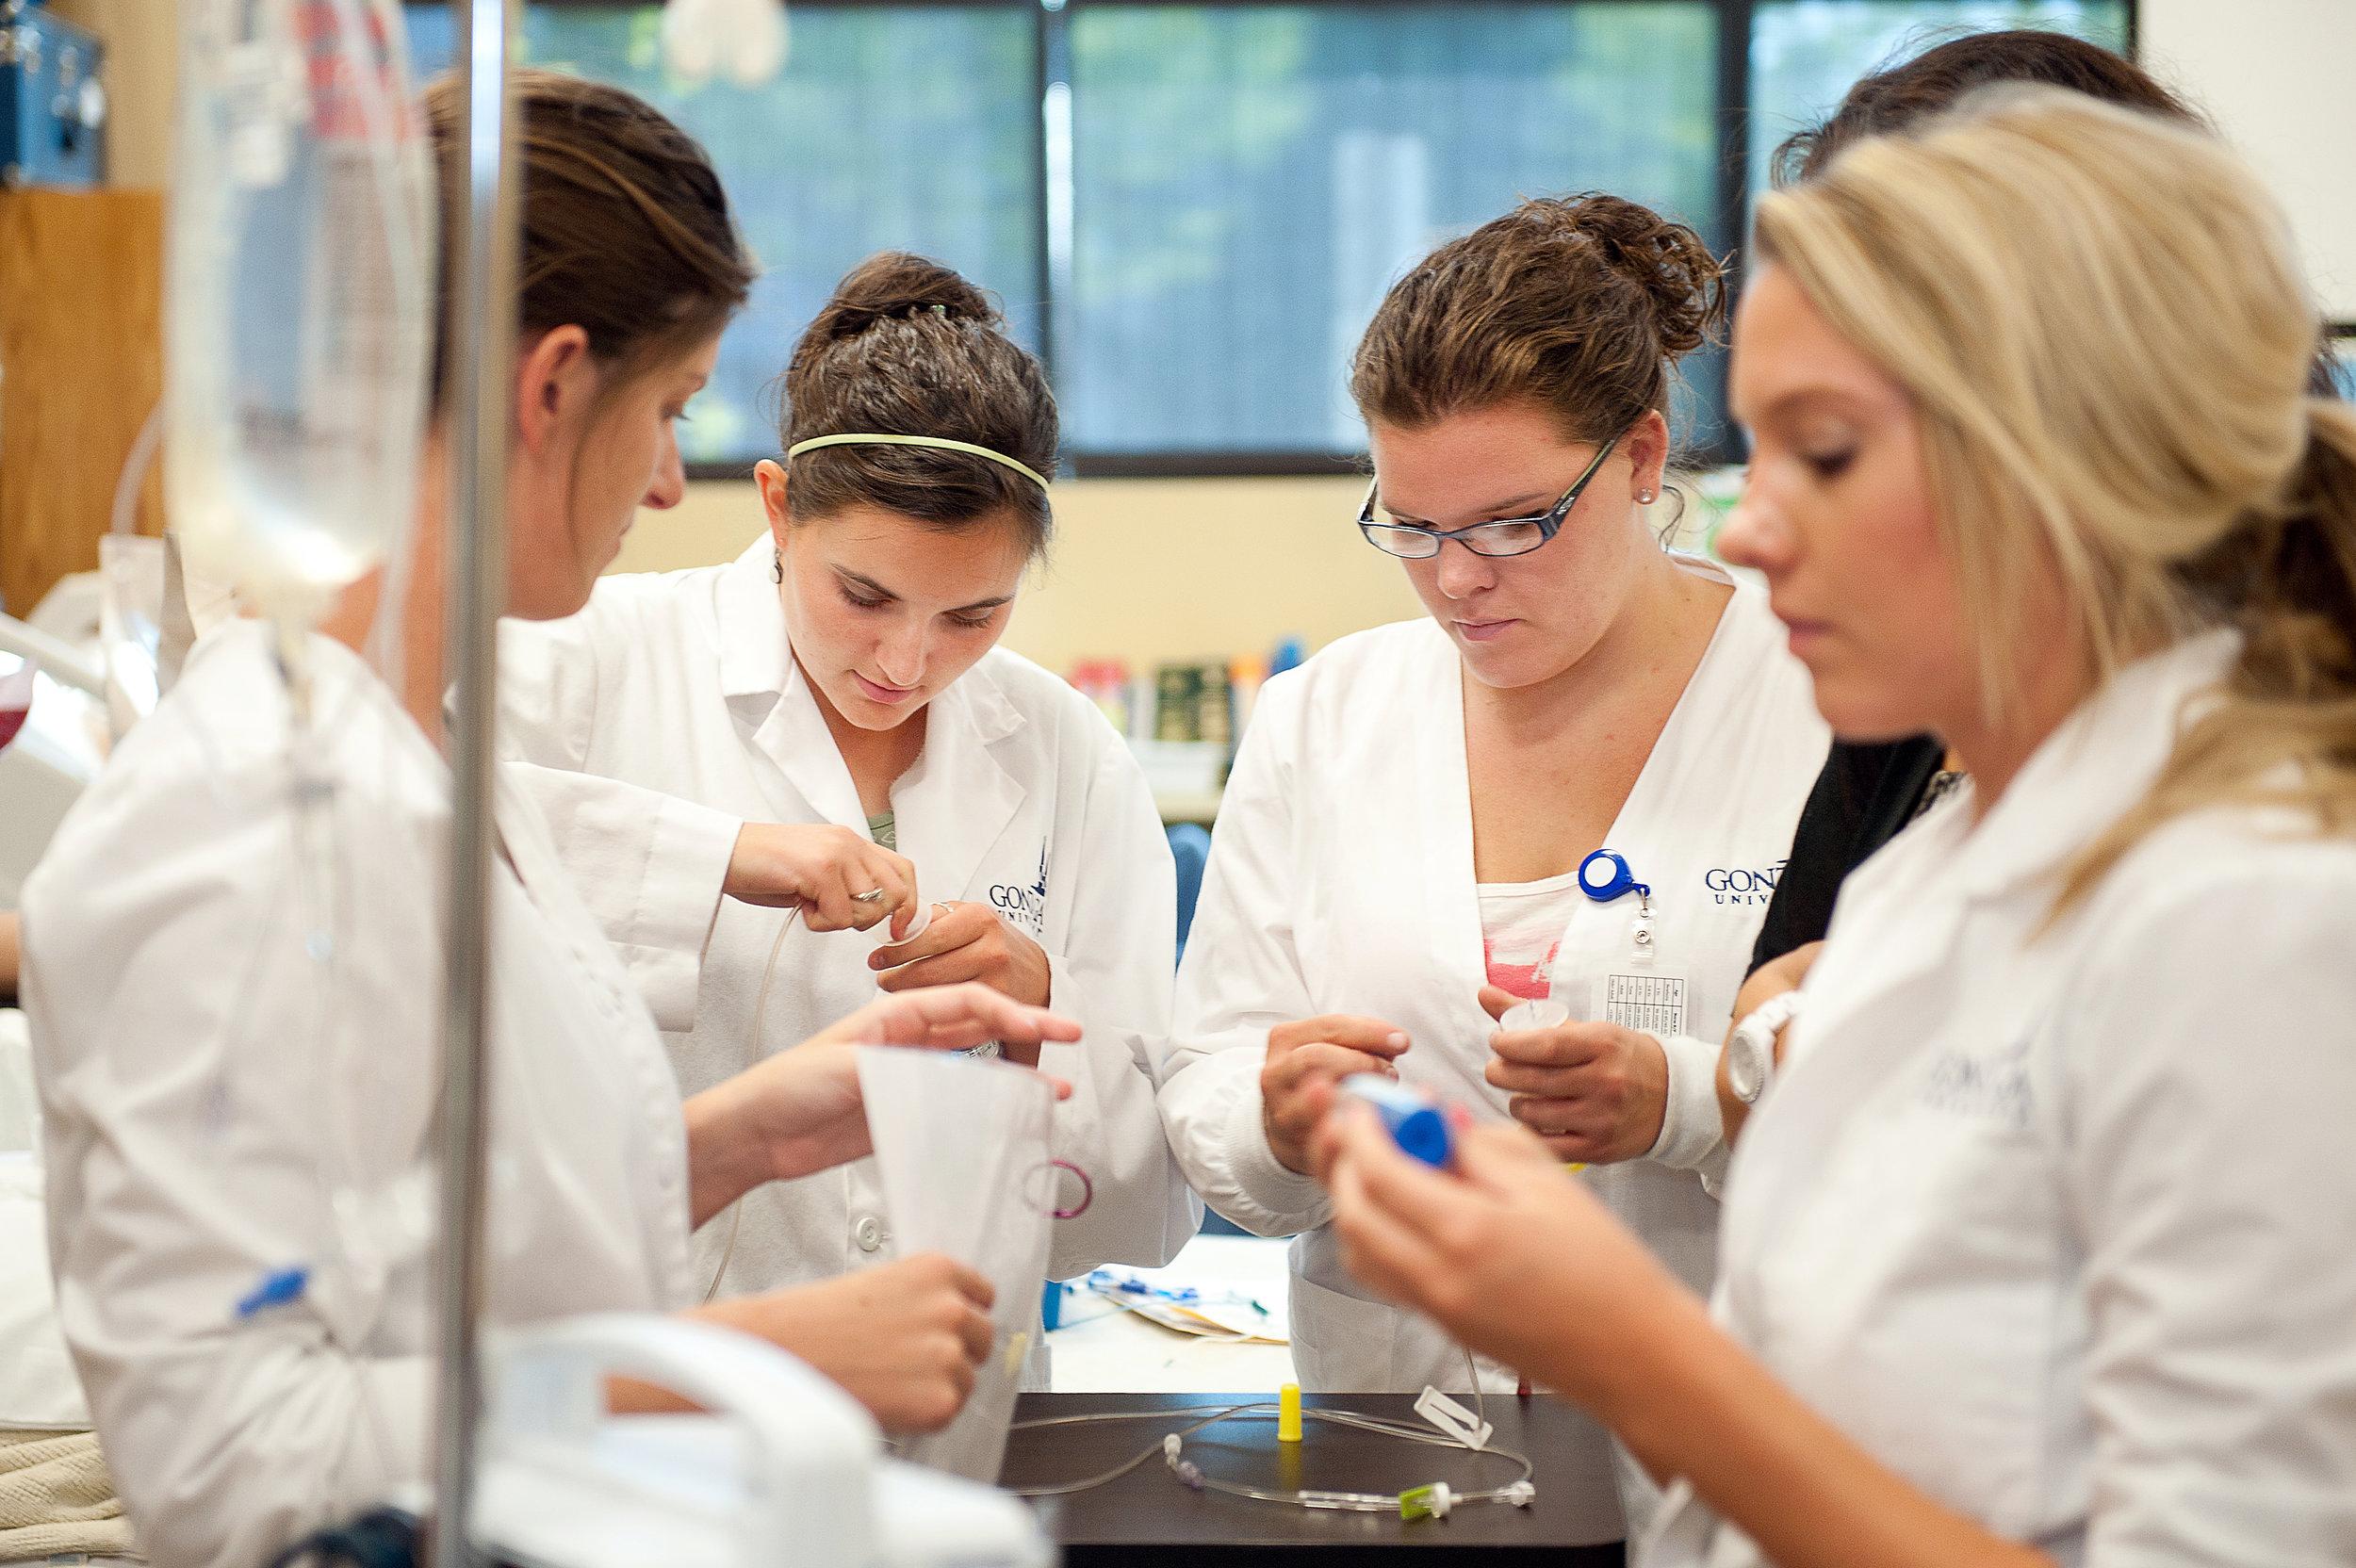 Nursing skills lab at Gonzaga University